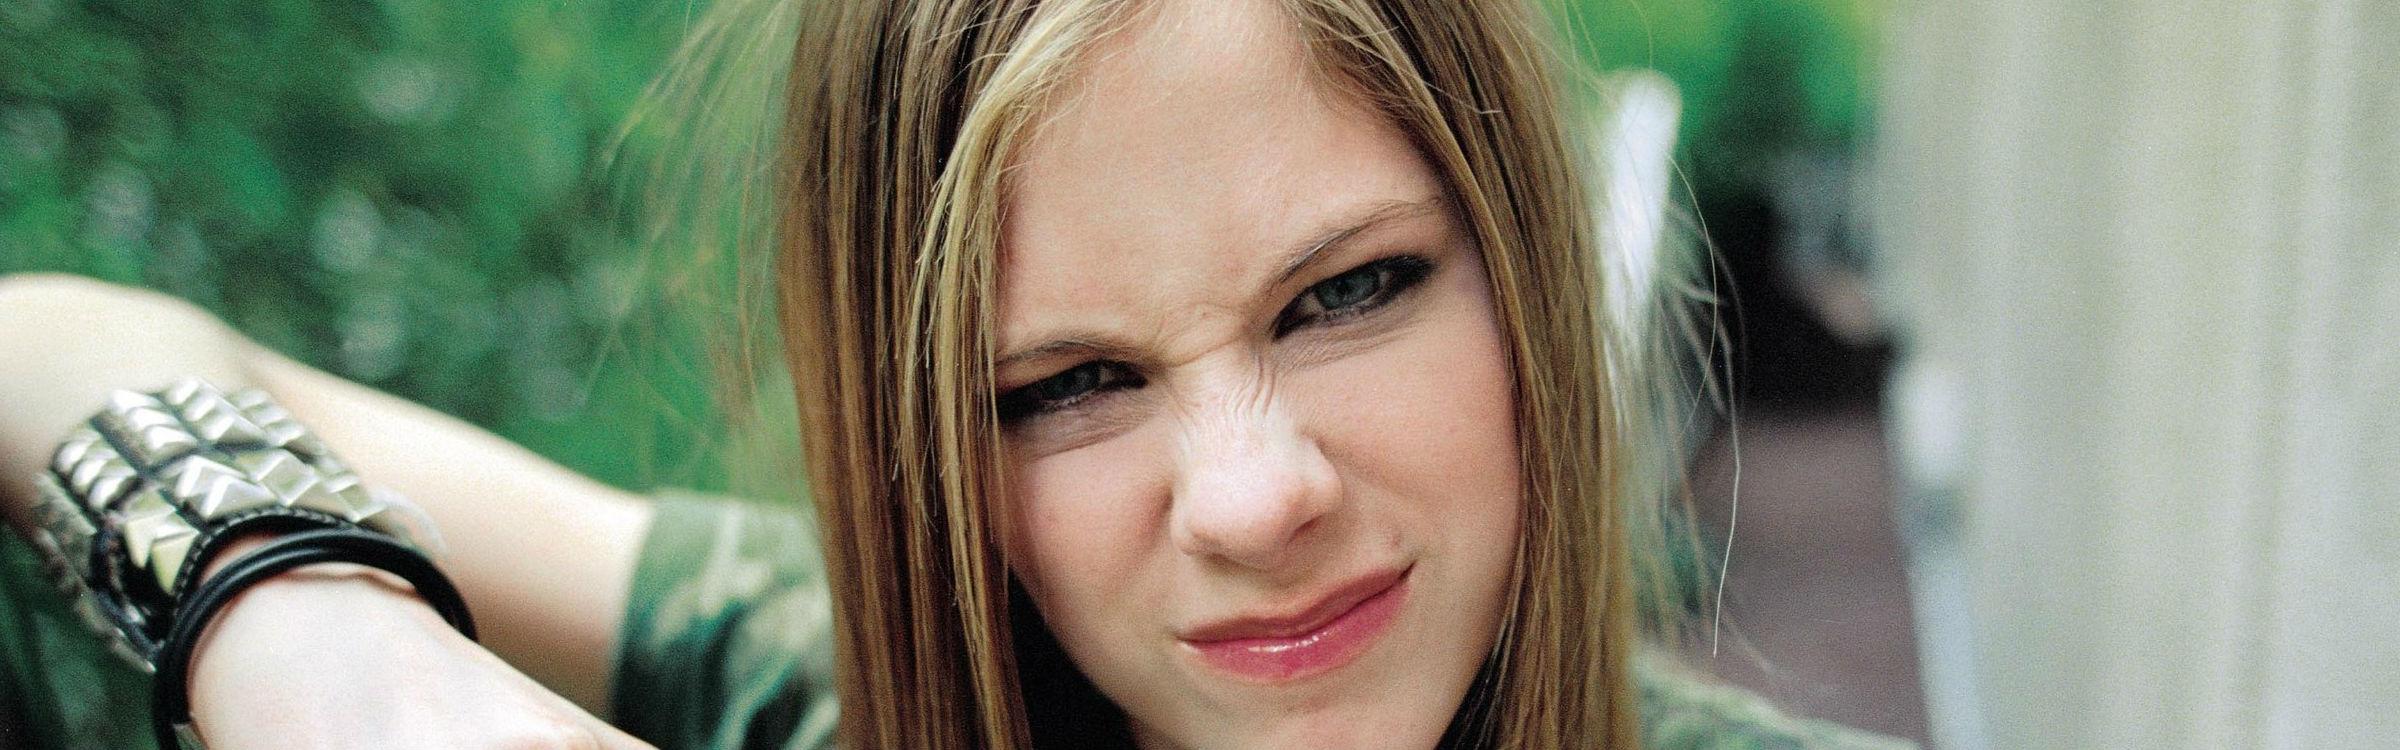 Avril header